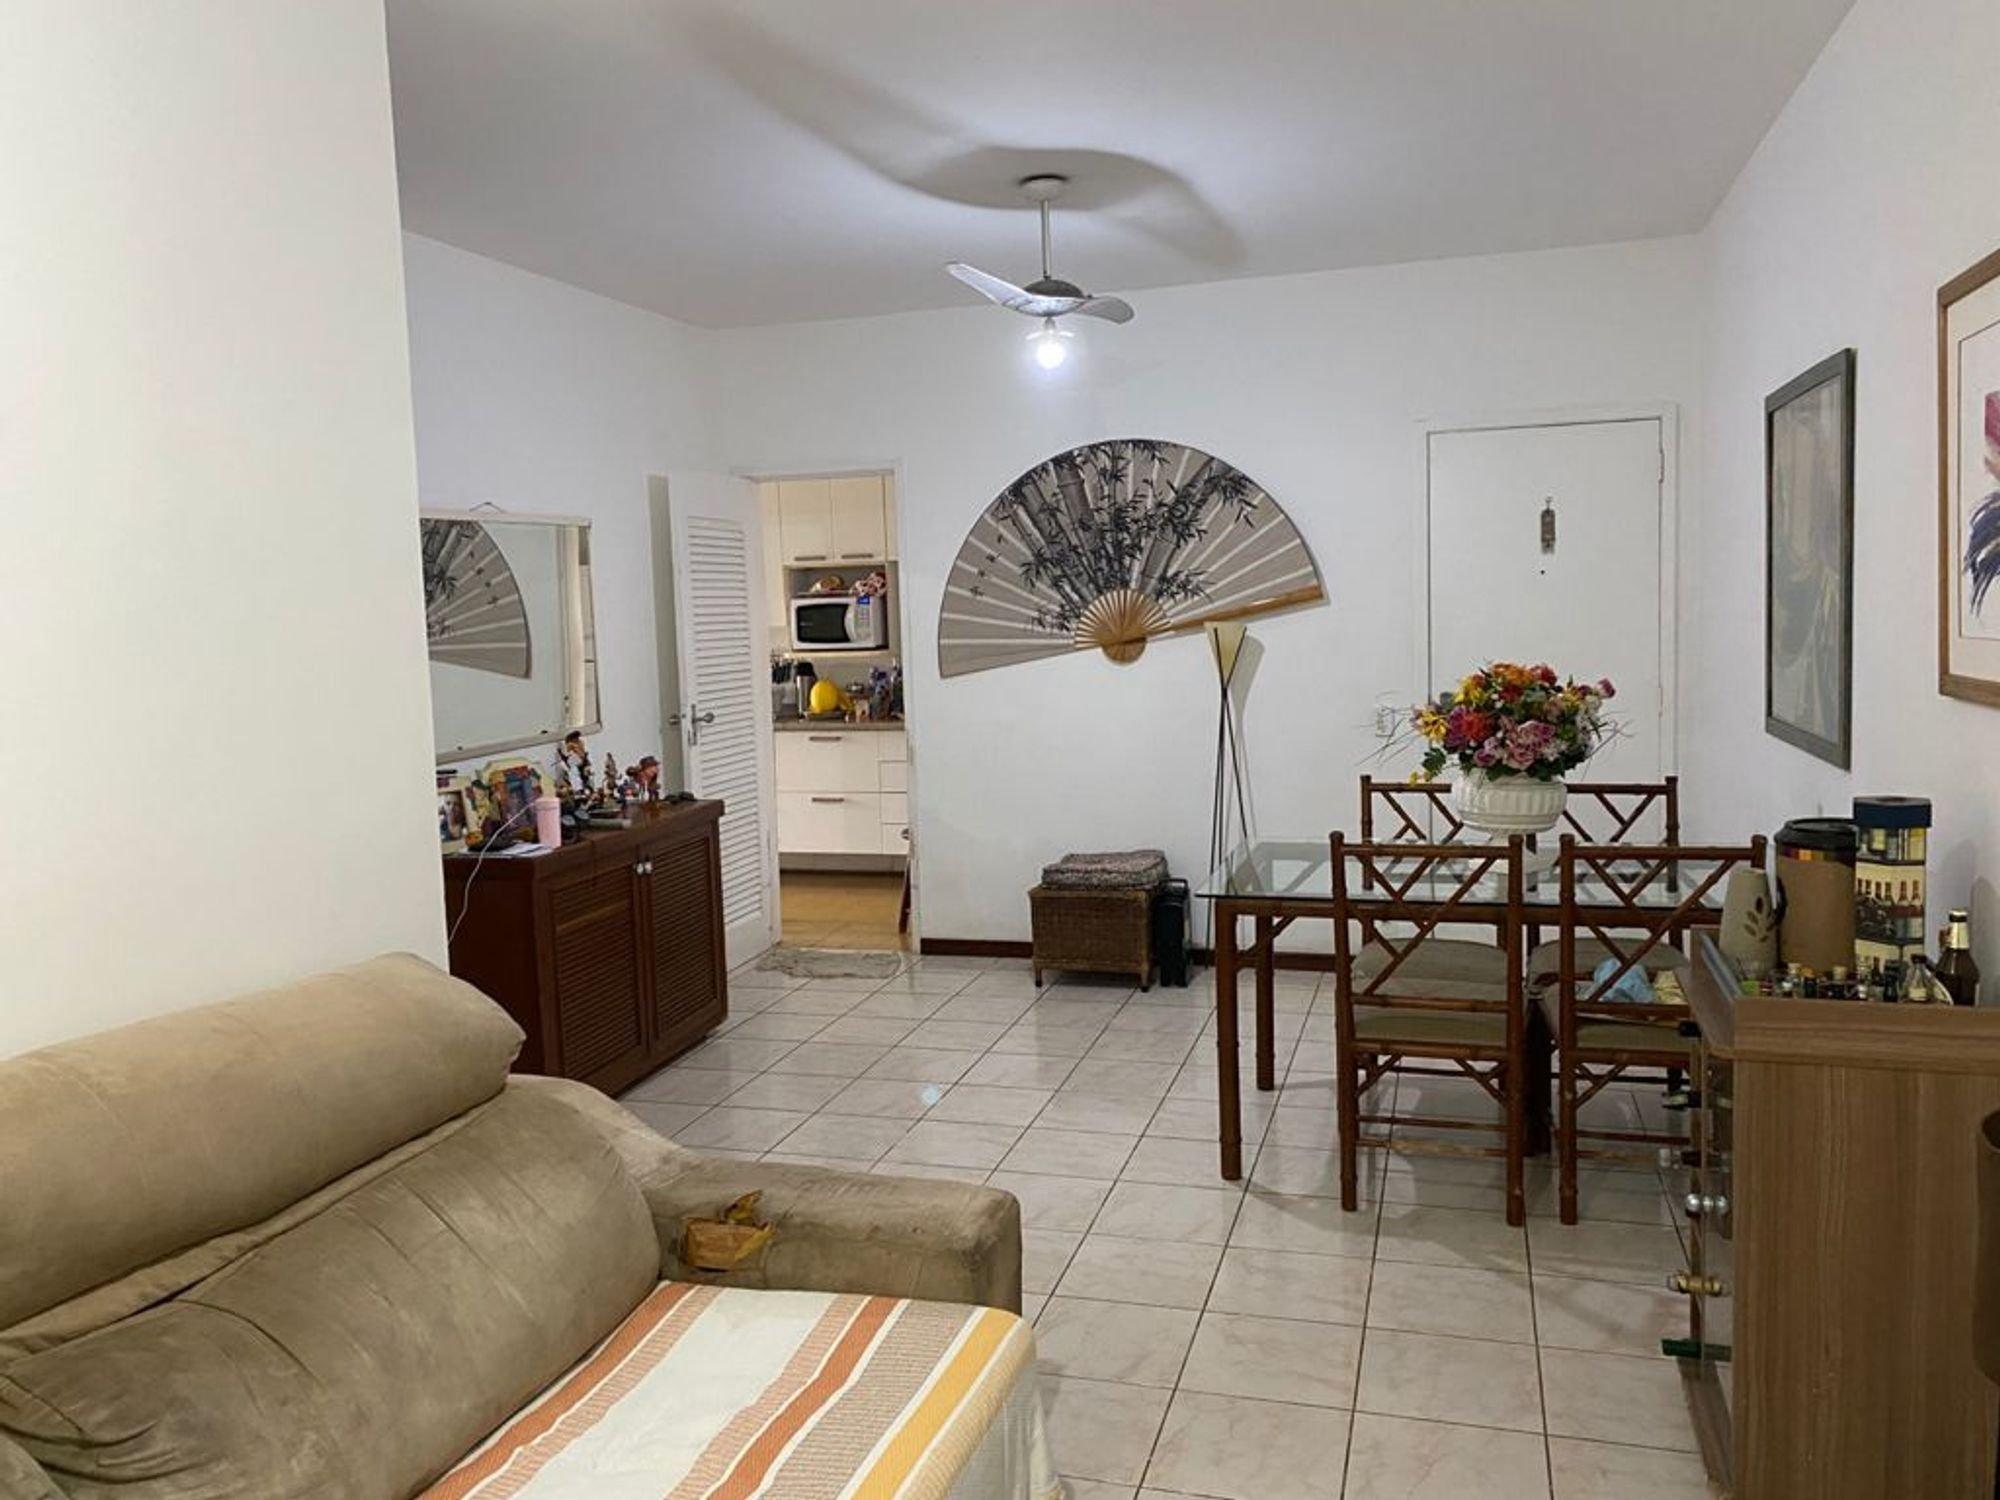 Foto de Sala com vaso de planta, sofá, televisão, vaso, cadeira, mesa de jantar